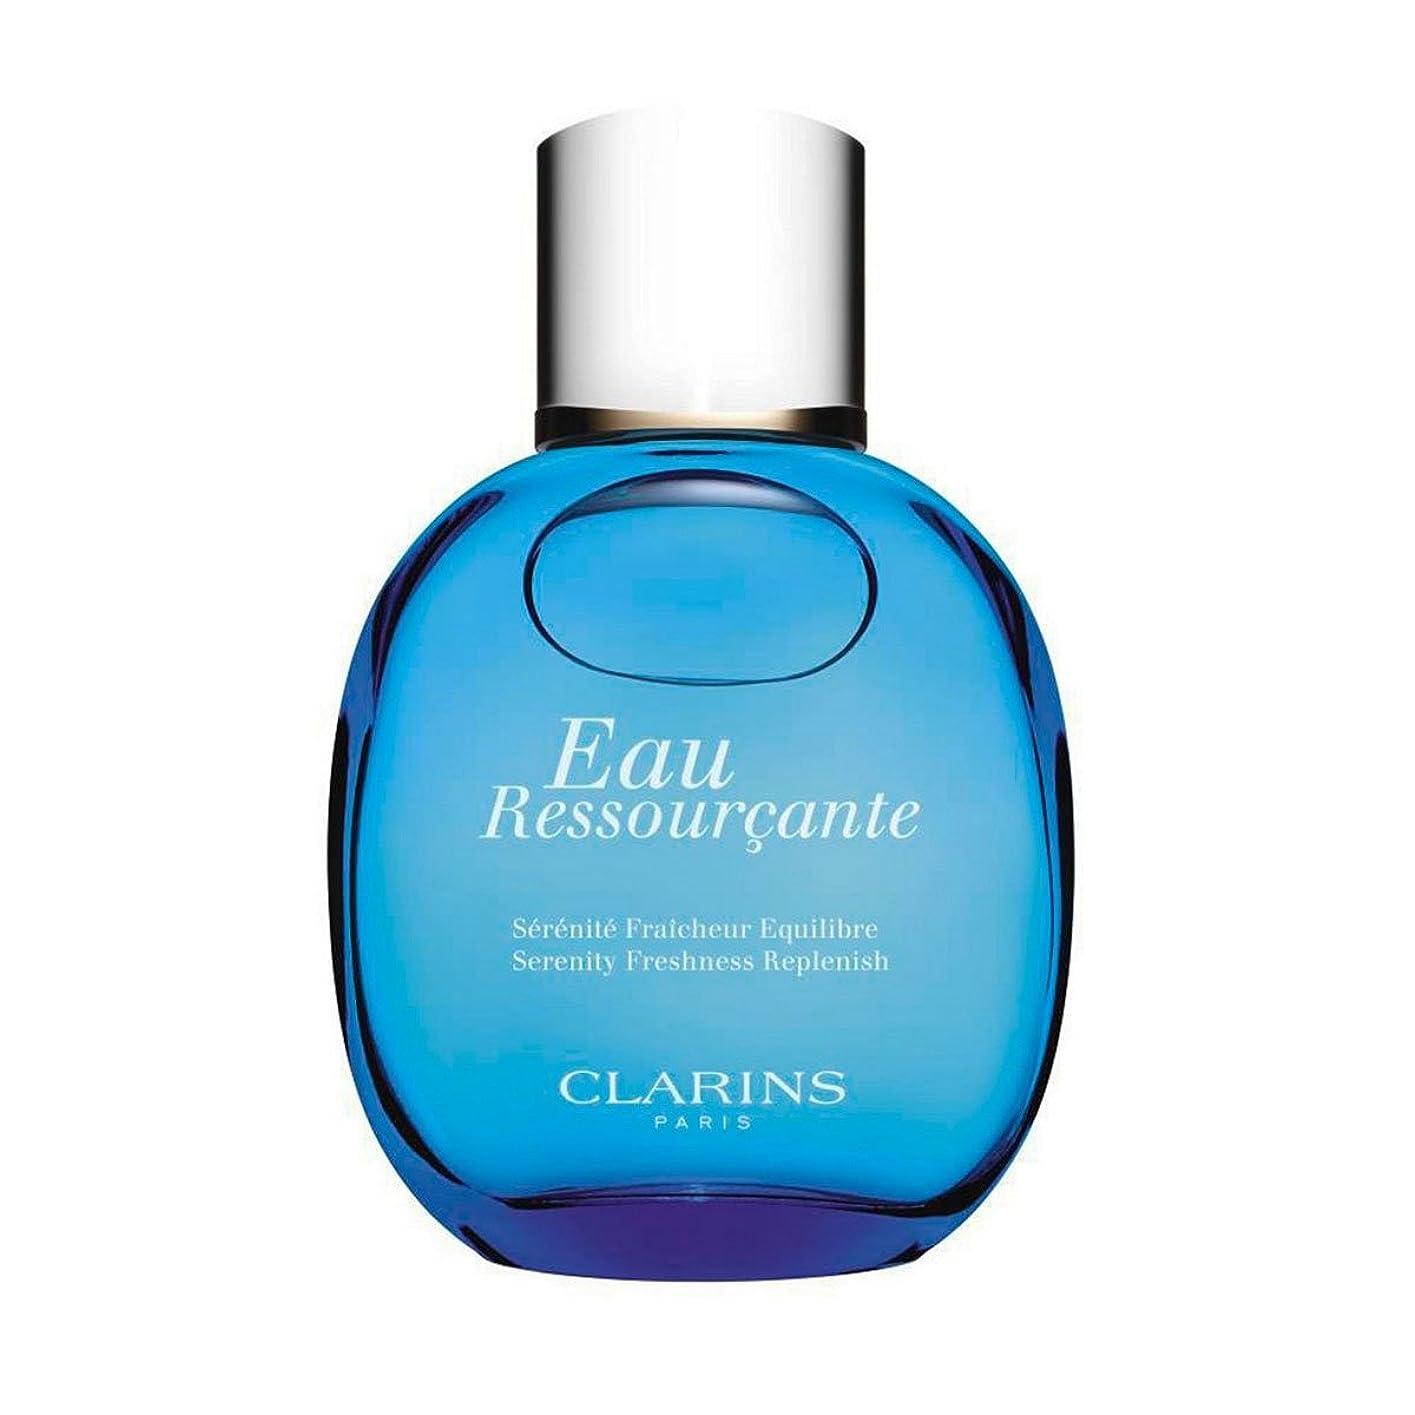 爆発物しなやかな兵隊Clarins Eau Ressour軋nte Treatment Fragrance 100ml [並行輸入品]